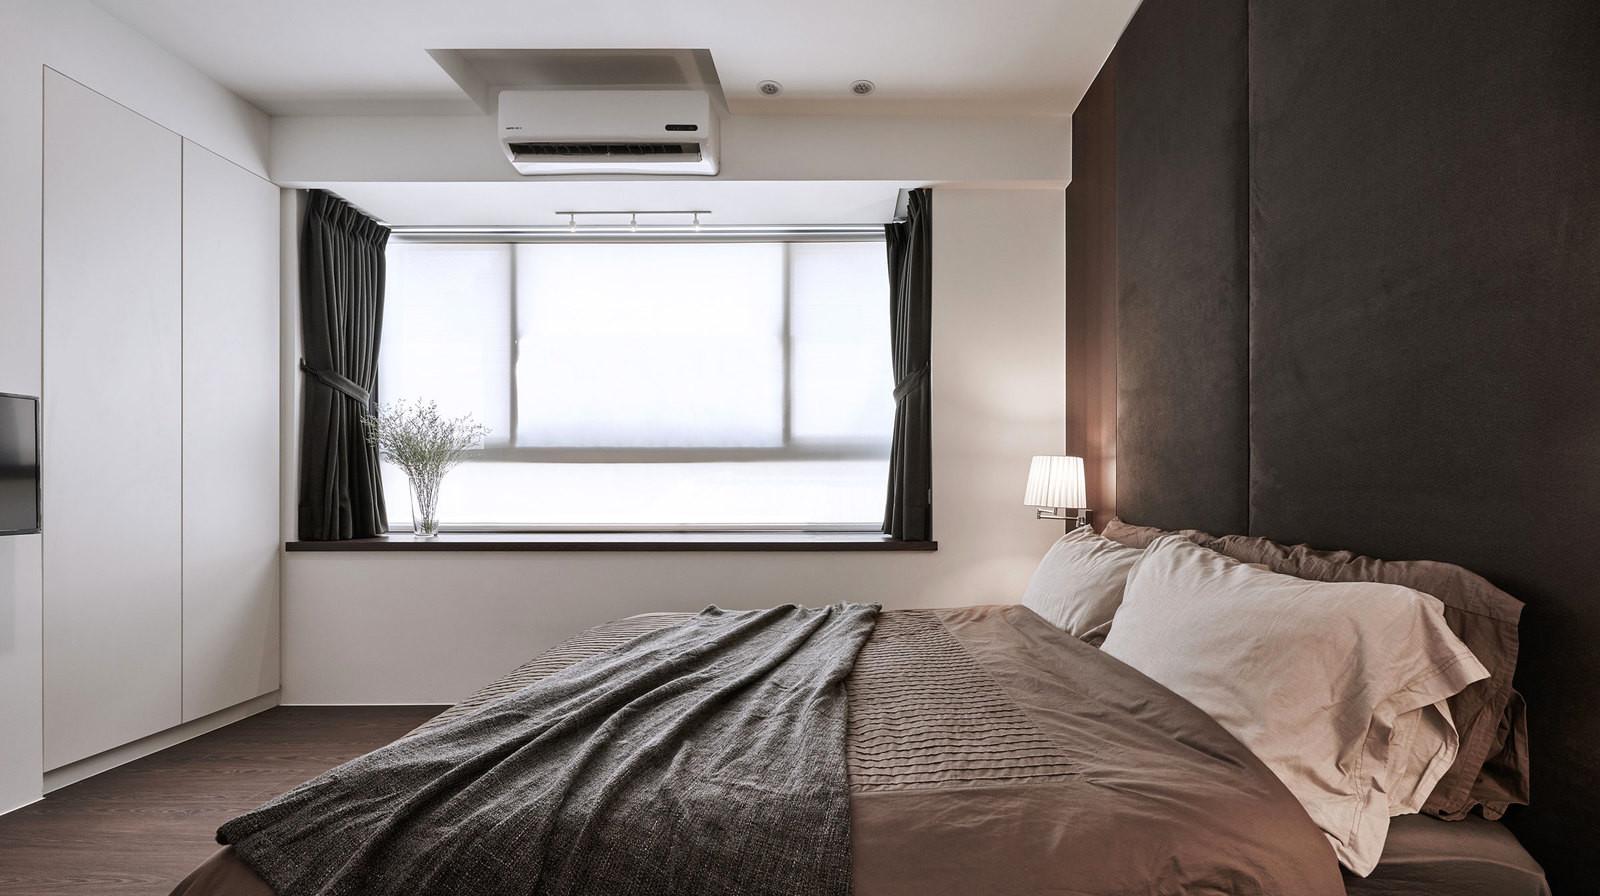 etaj-ot-kashta-s-moderen-i-prostoren-interioren-dizain-120-910